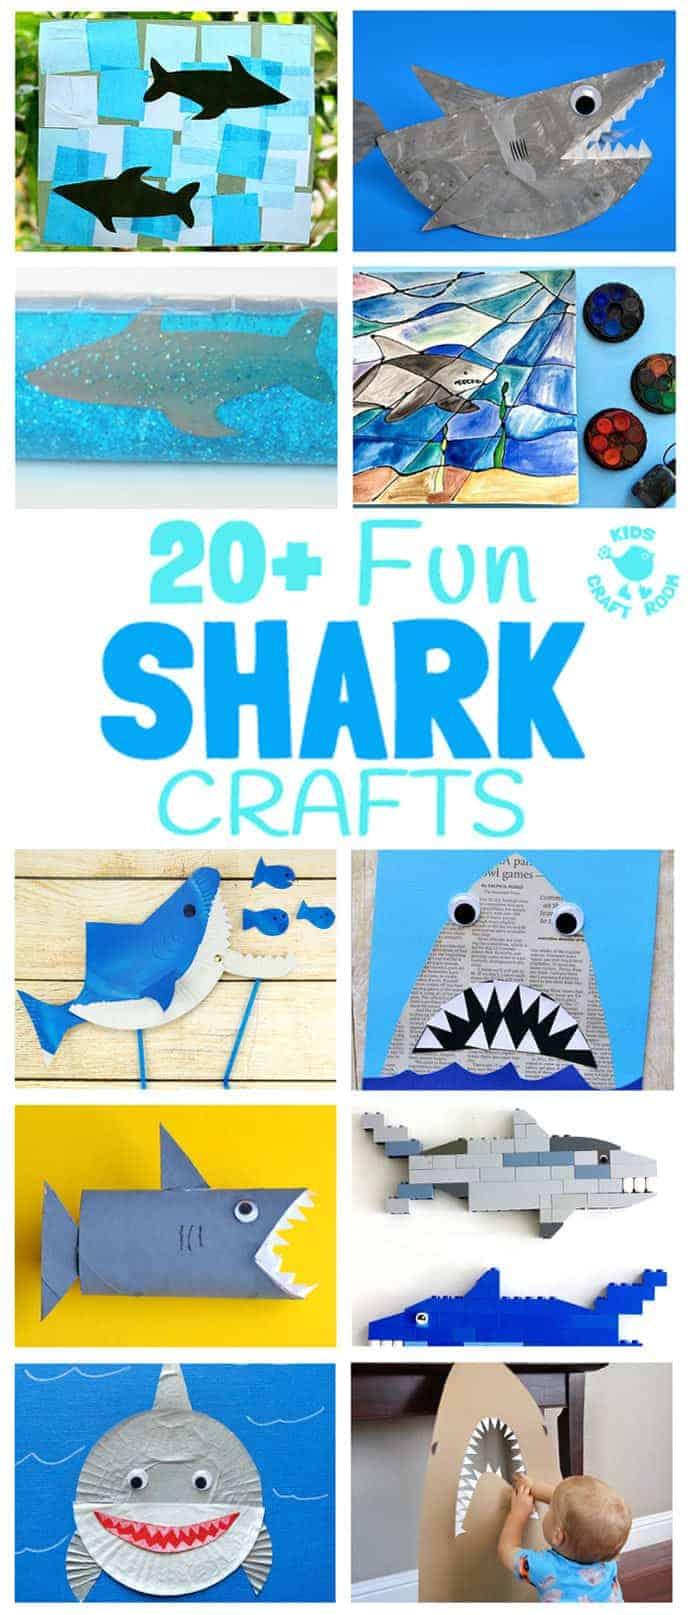 SHARK CRAFTS 20+ Fun Shark Crafts, shark art and shark activity ideas to keep kids creating all Summer. Fantastic shark week crafts for shark fans.